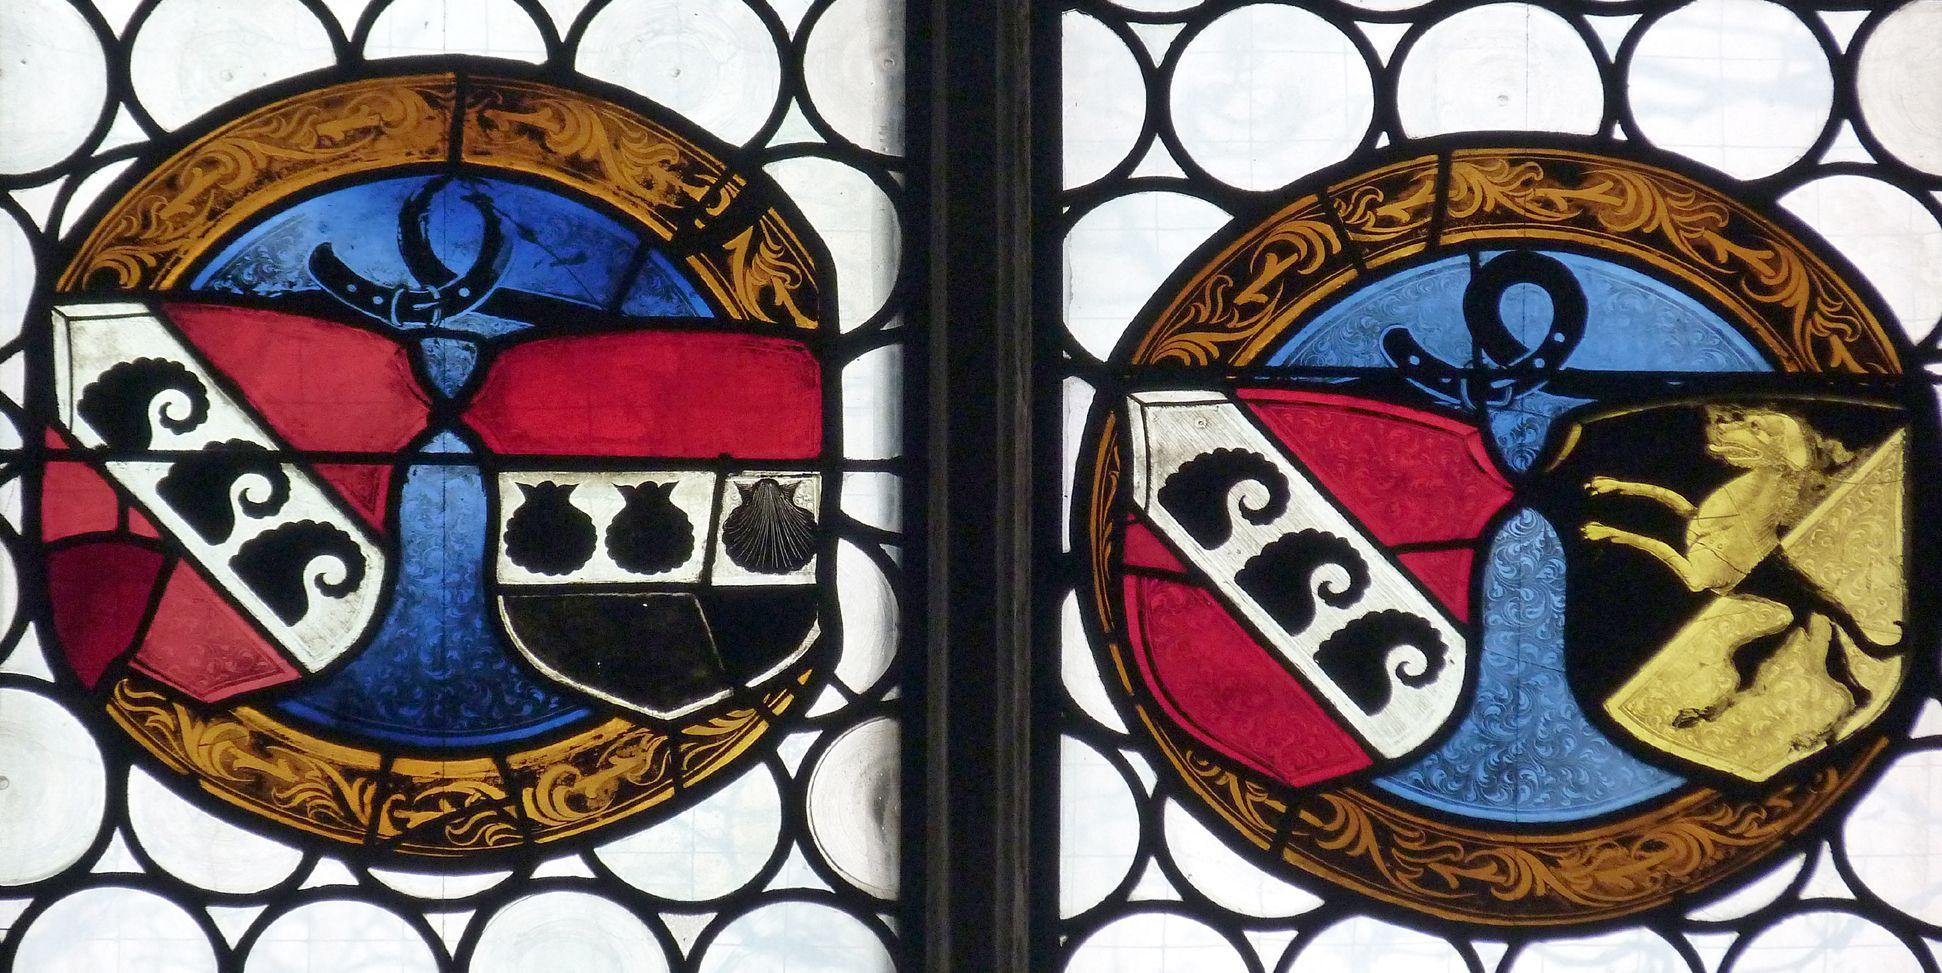 Ehem. Schnöd-Fenster Allianzwappen der Familie Schnöd, frühes 16. Jh.